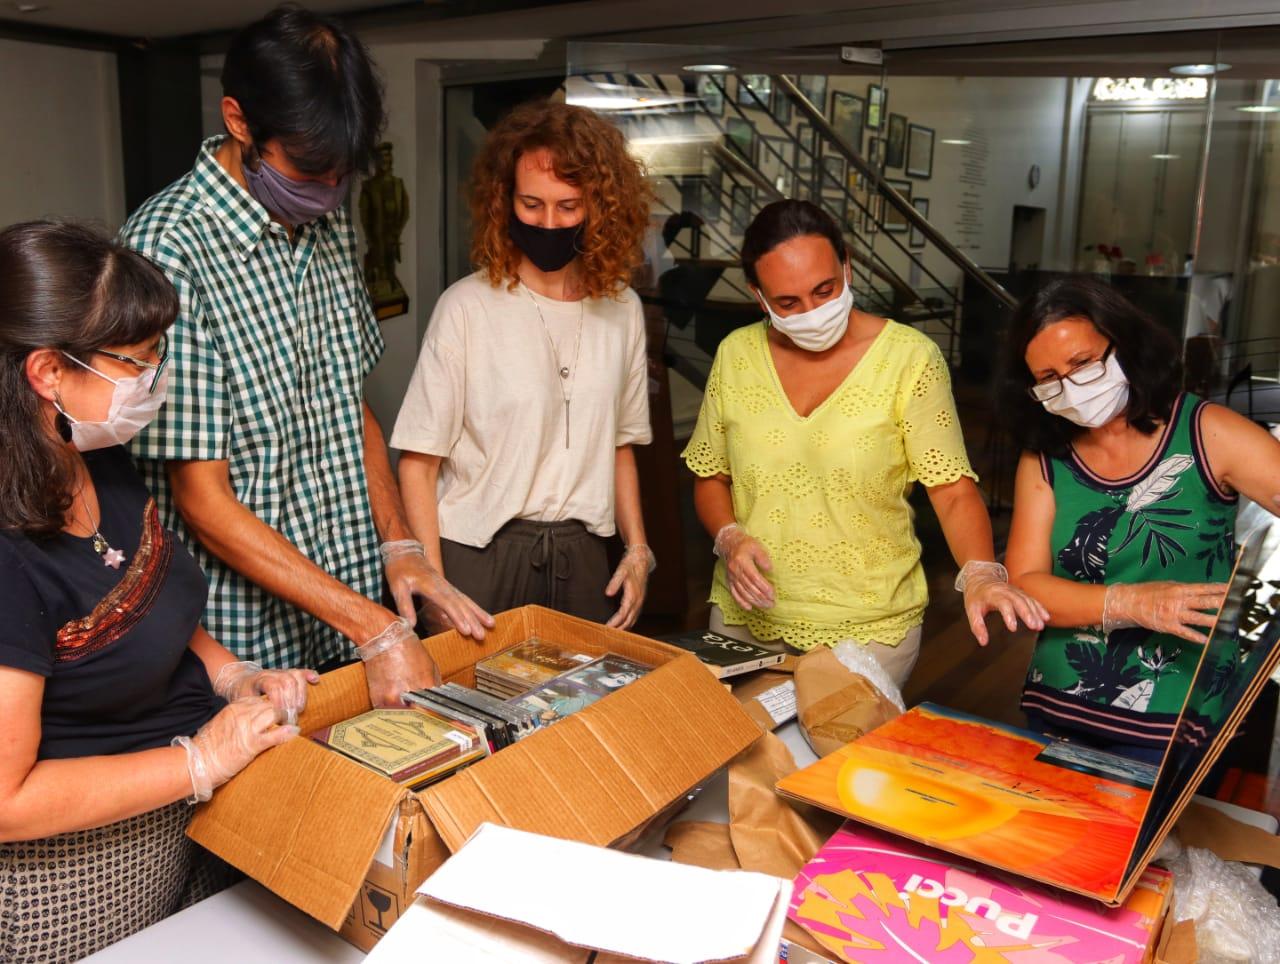 Cinco pessoas, de máscaras, analisam objetos como livros e discos dispostos em cima de uma mesa